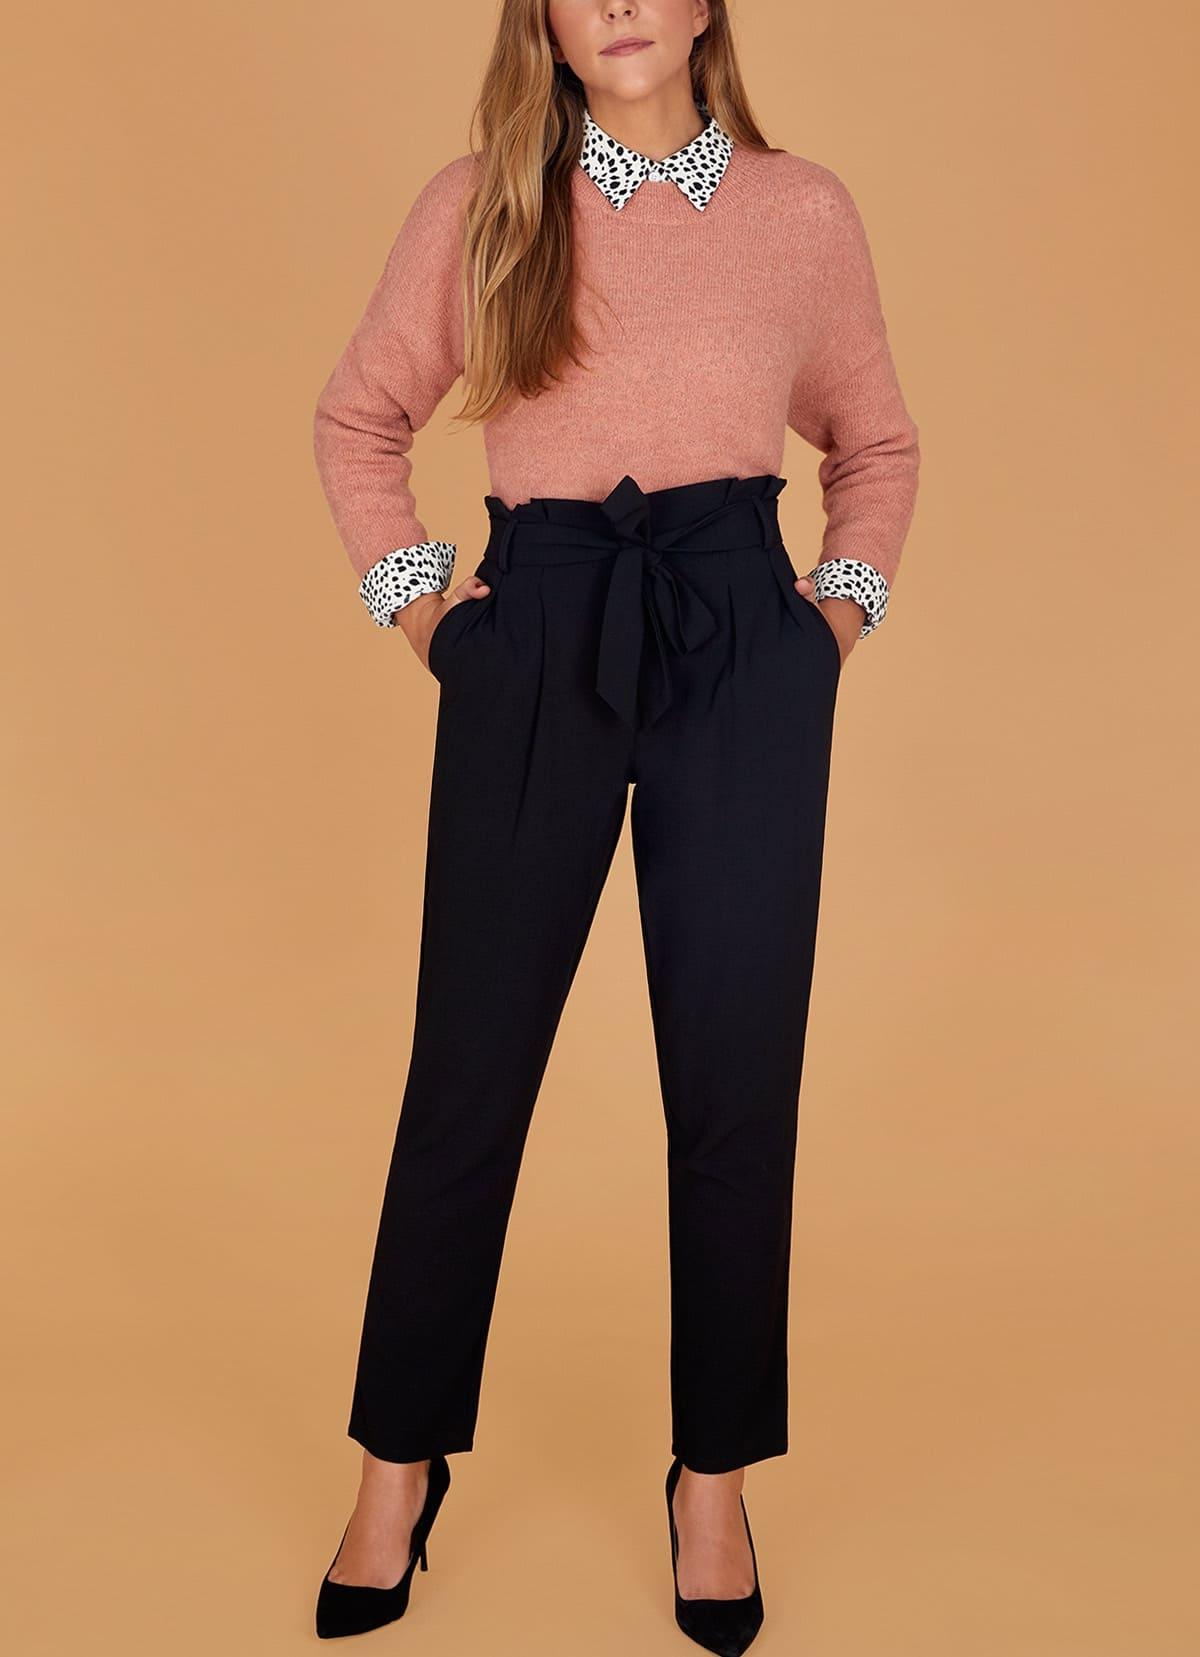 jersey salmon y pantalon negro paper bag